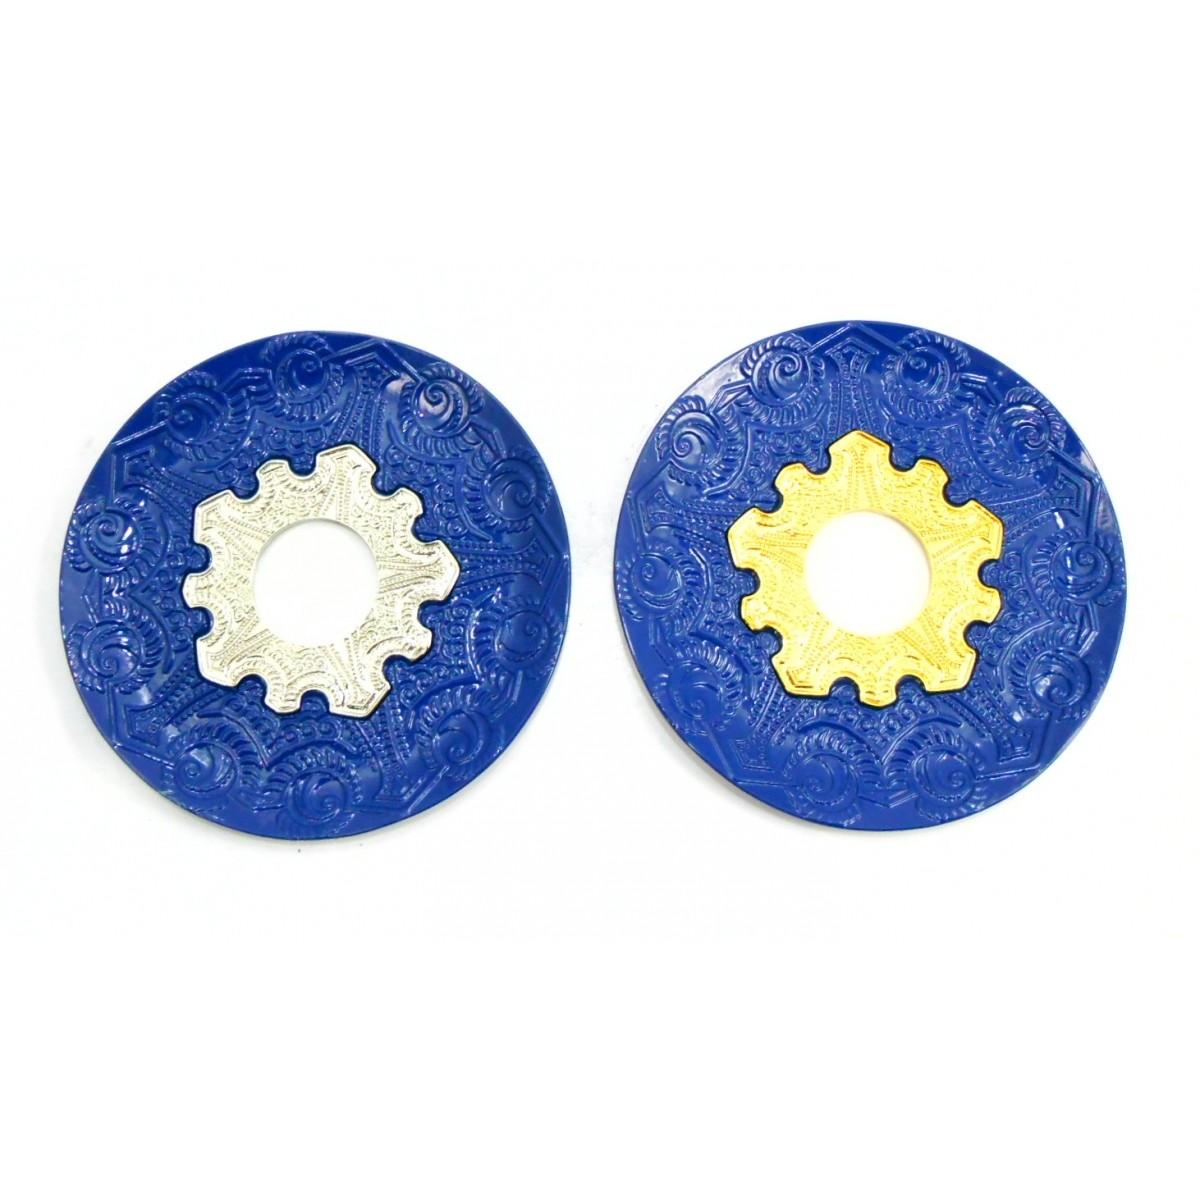 Prato para narguile modelo Vennus 17cm de diâmetro. Liga metálica inox e decorado. AZUL.